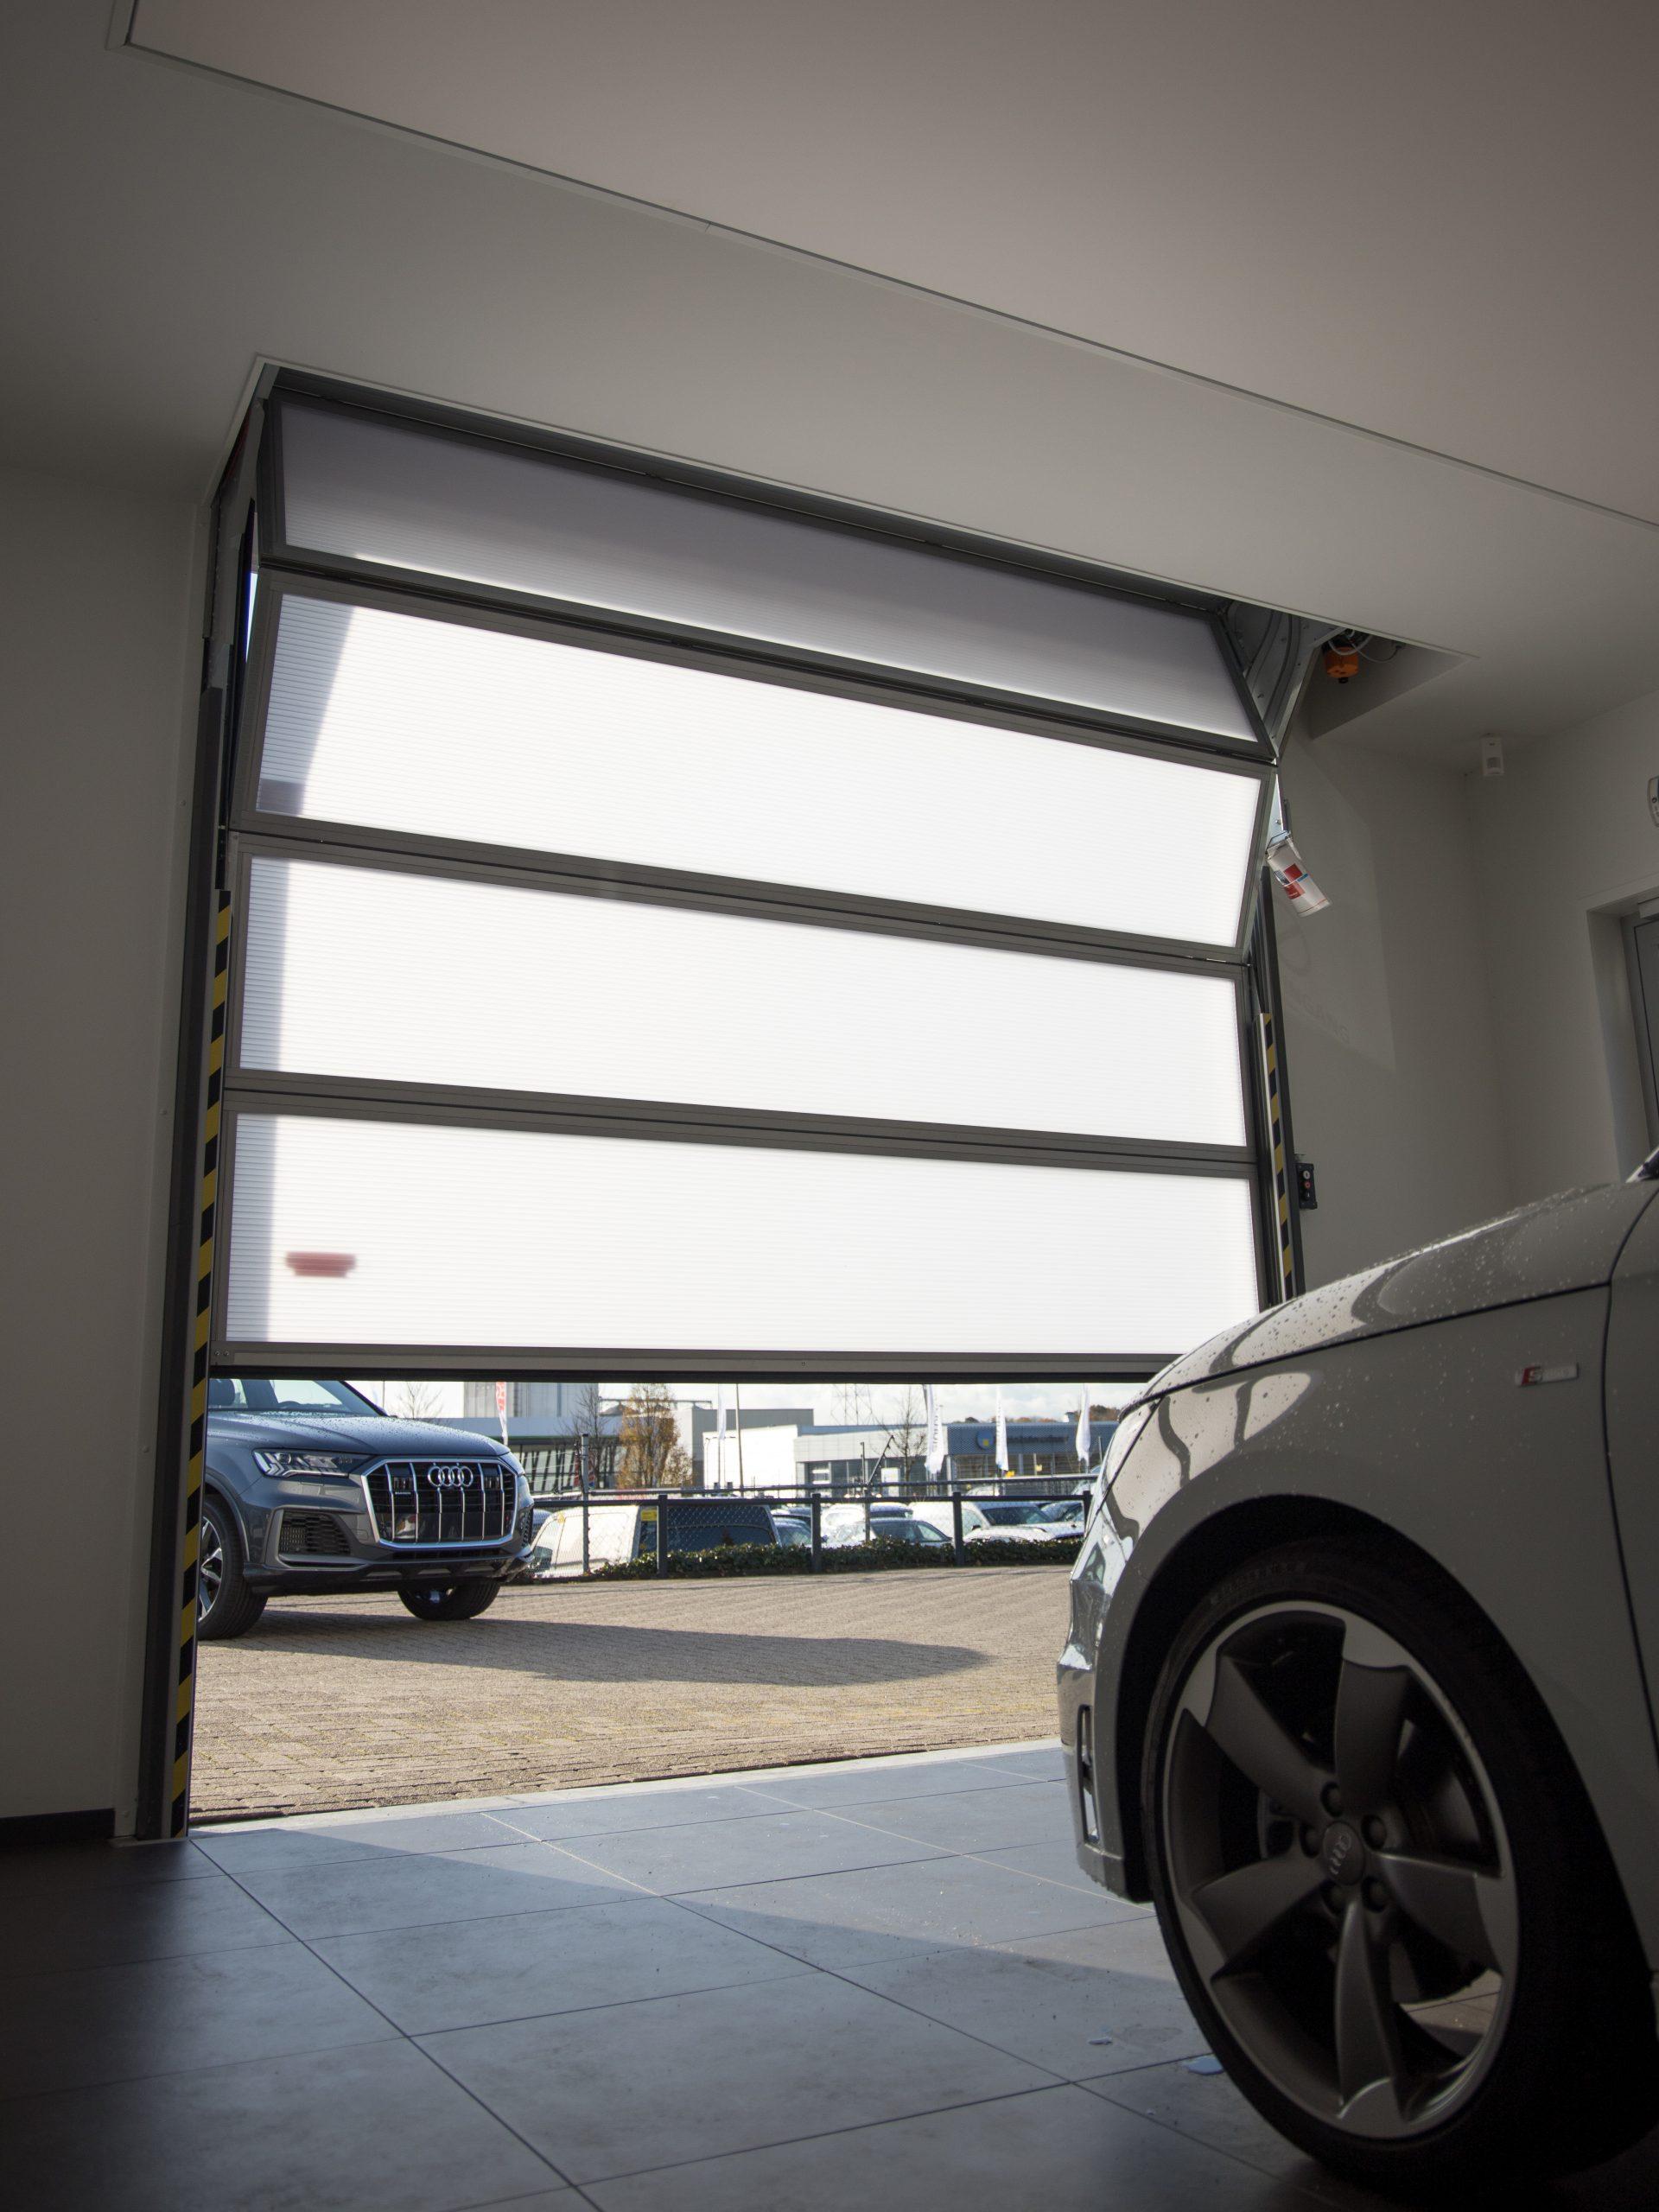 Rollershutters neatly tucked away - great alternative to a bifold garage door or roller door